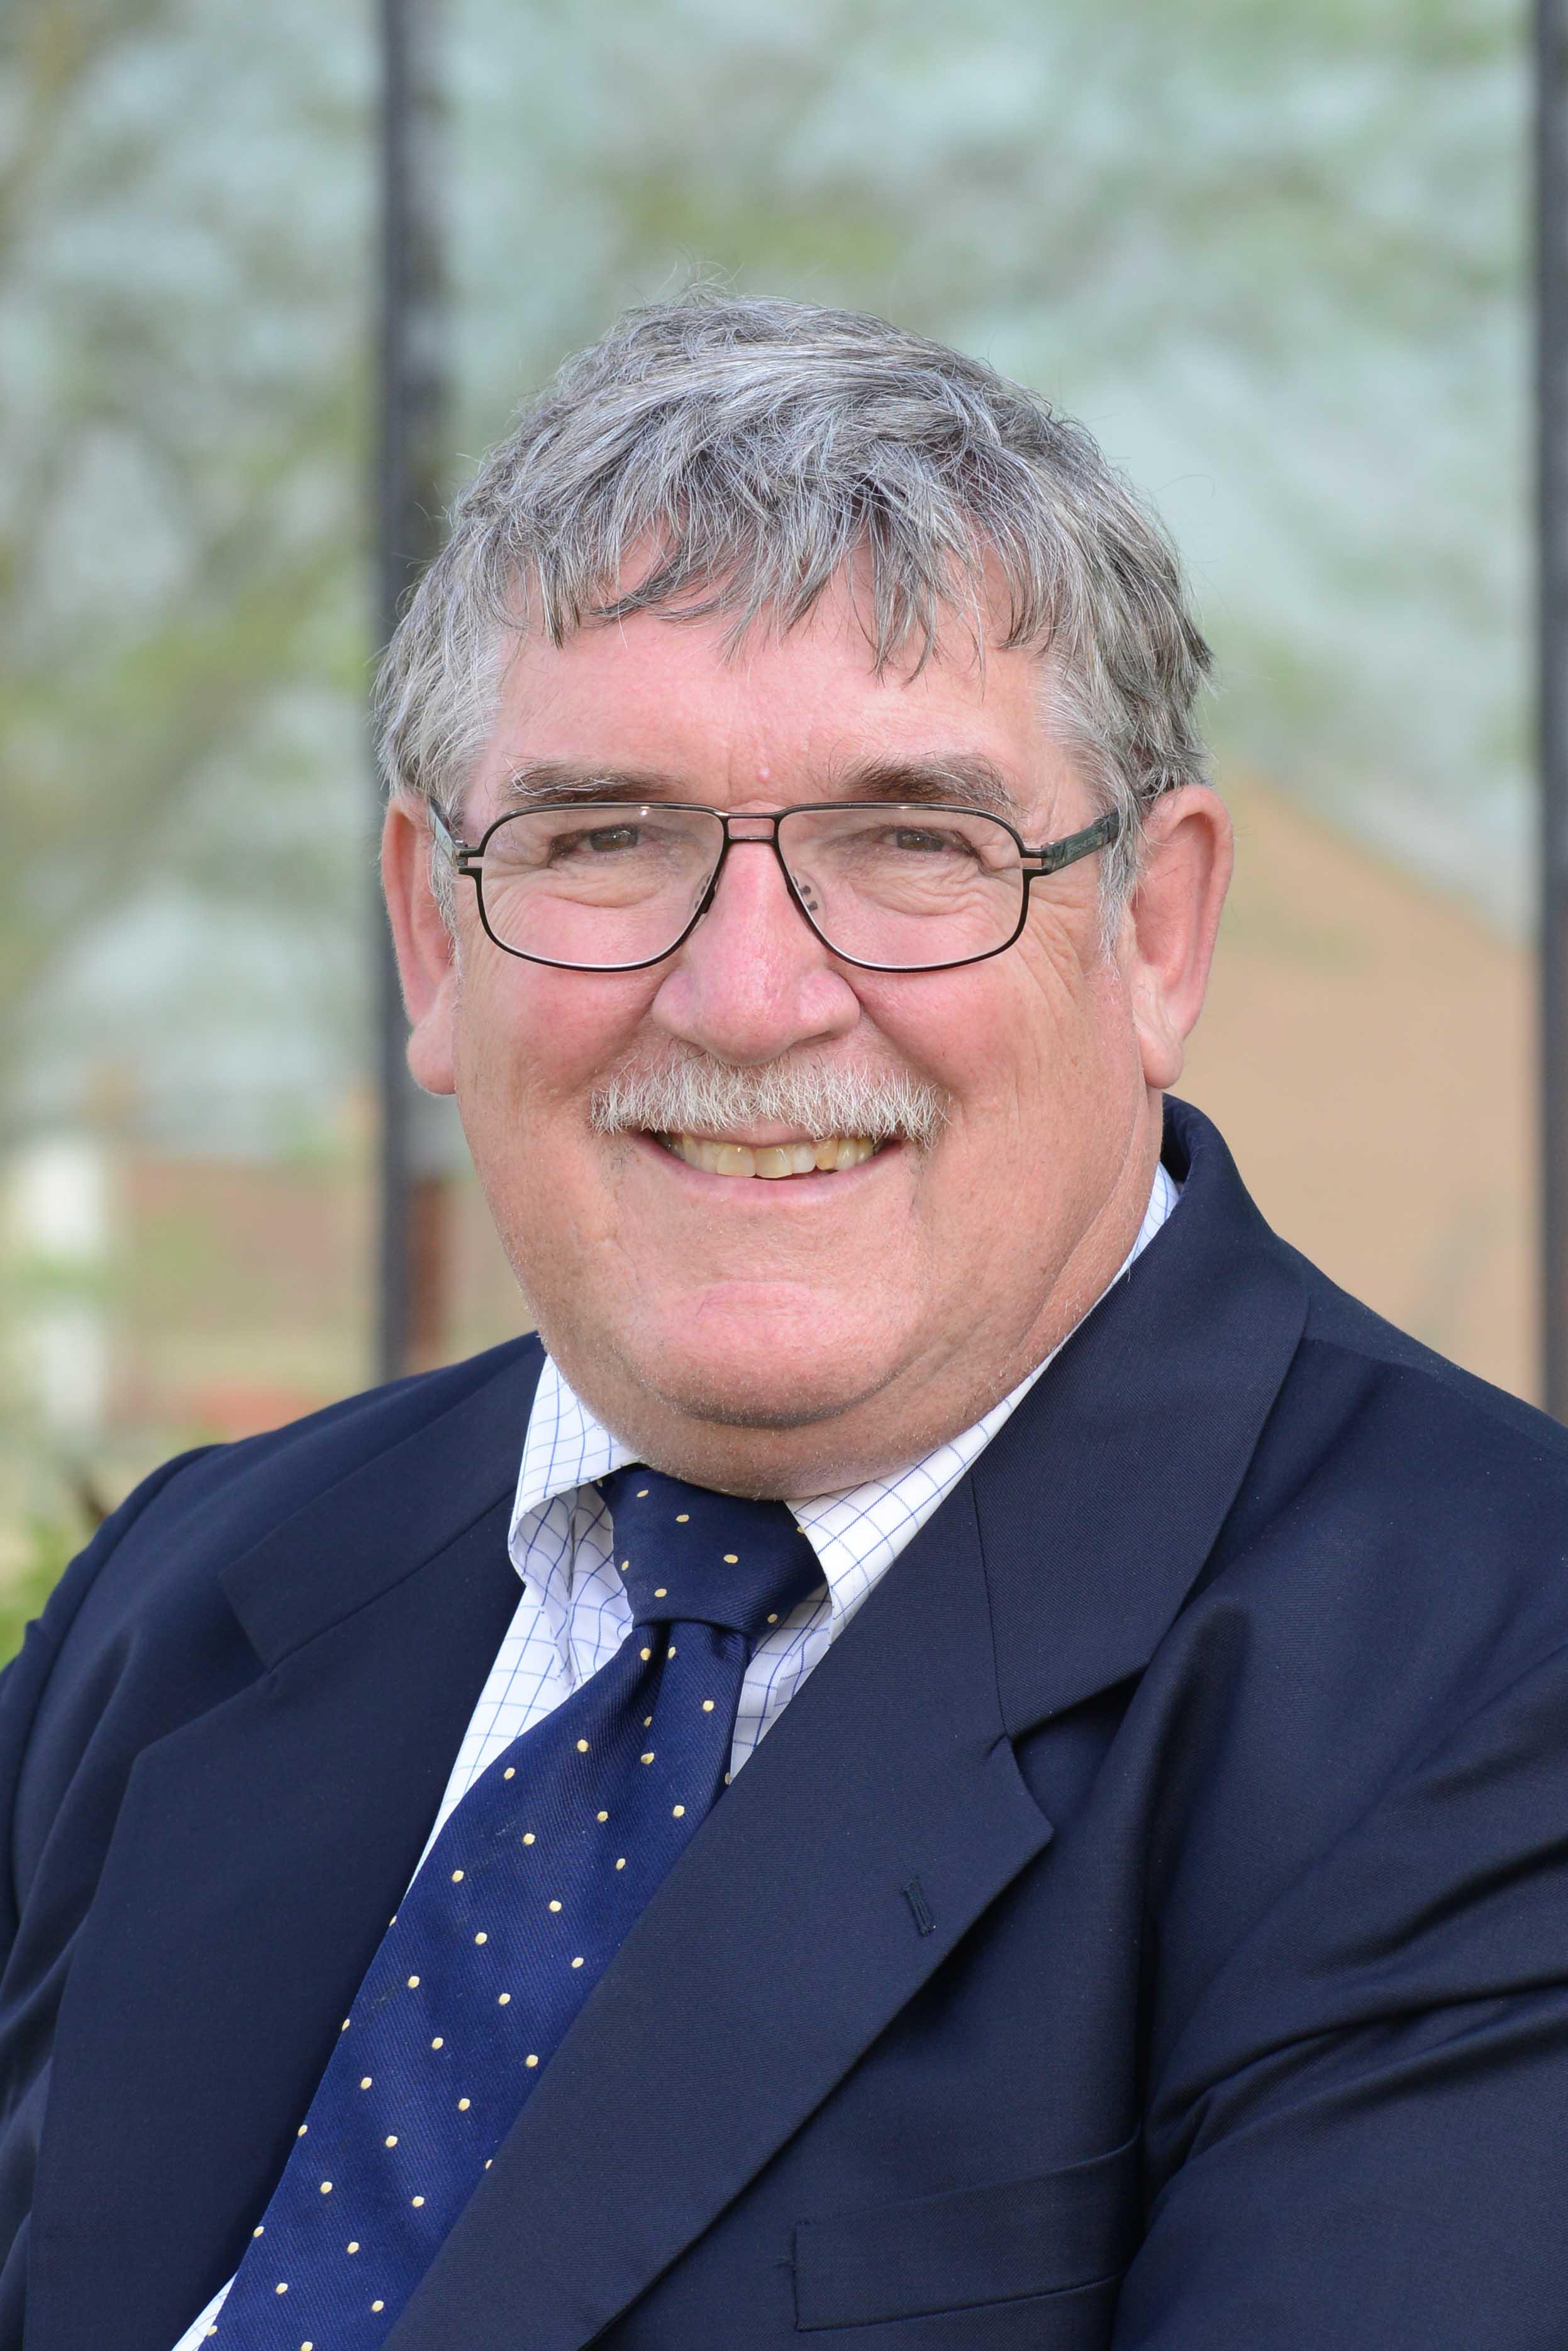 Dennis DesRosiers